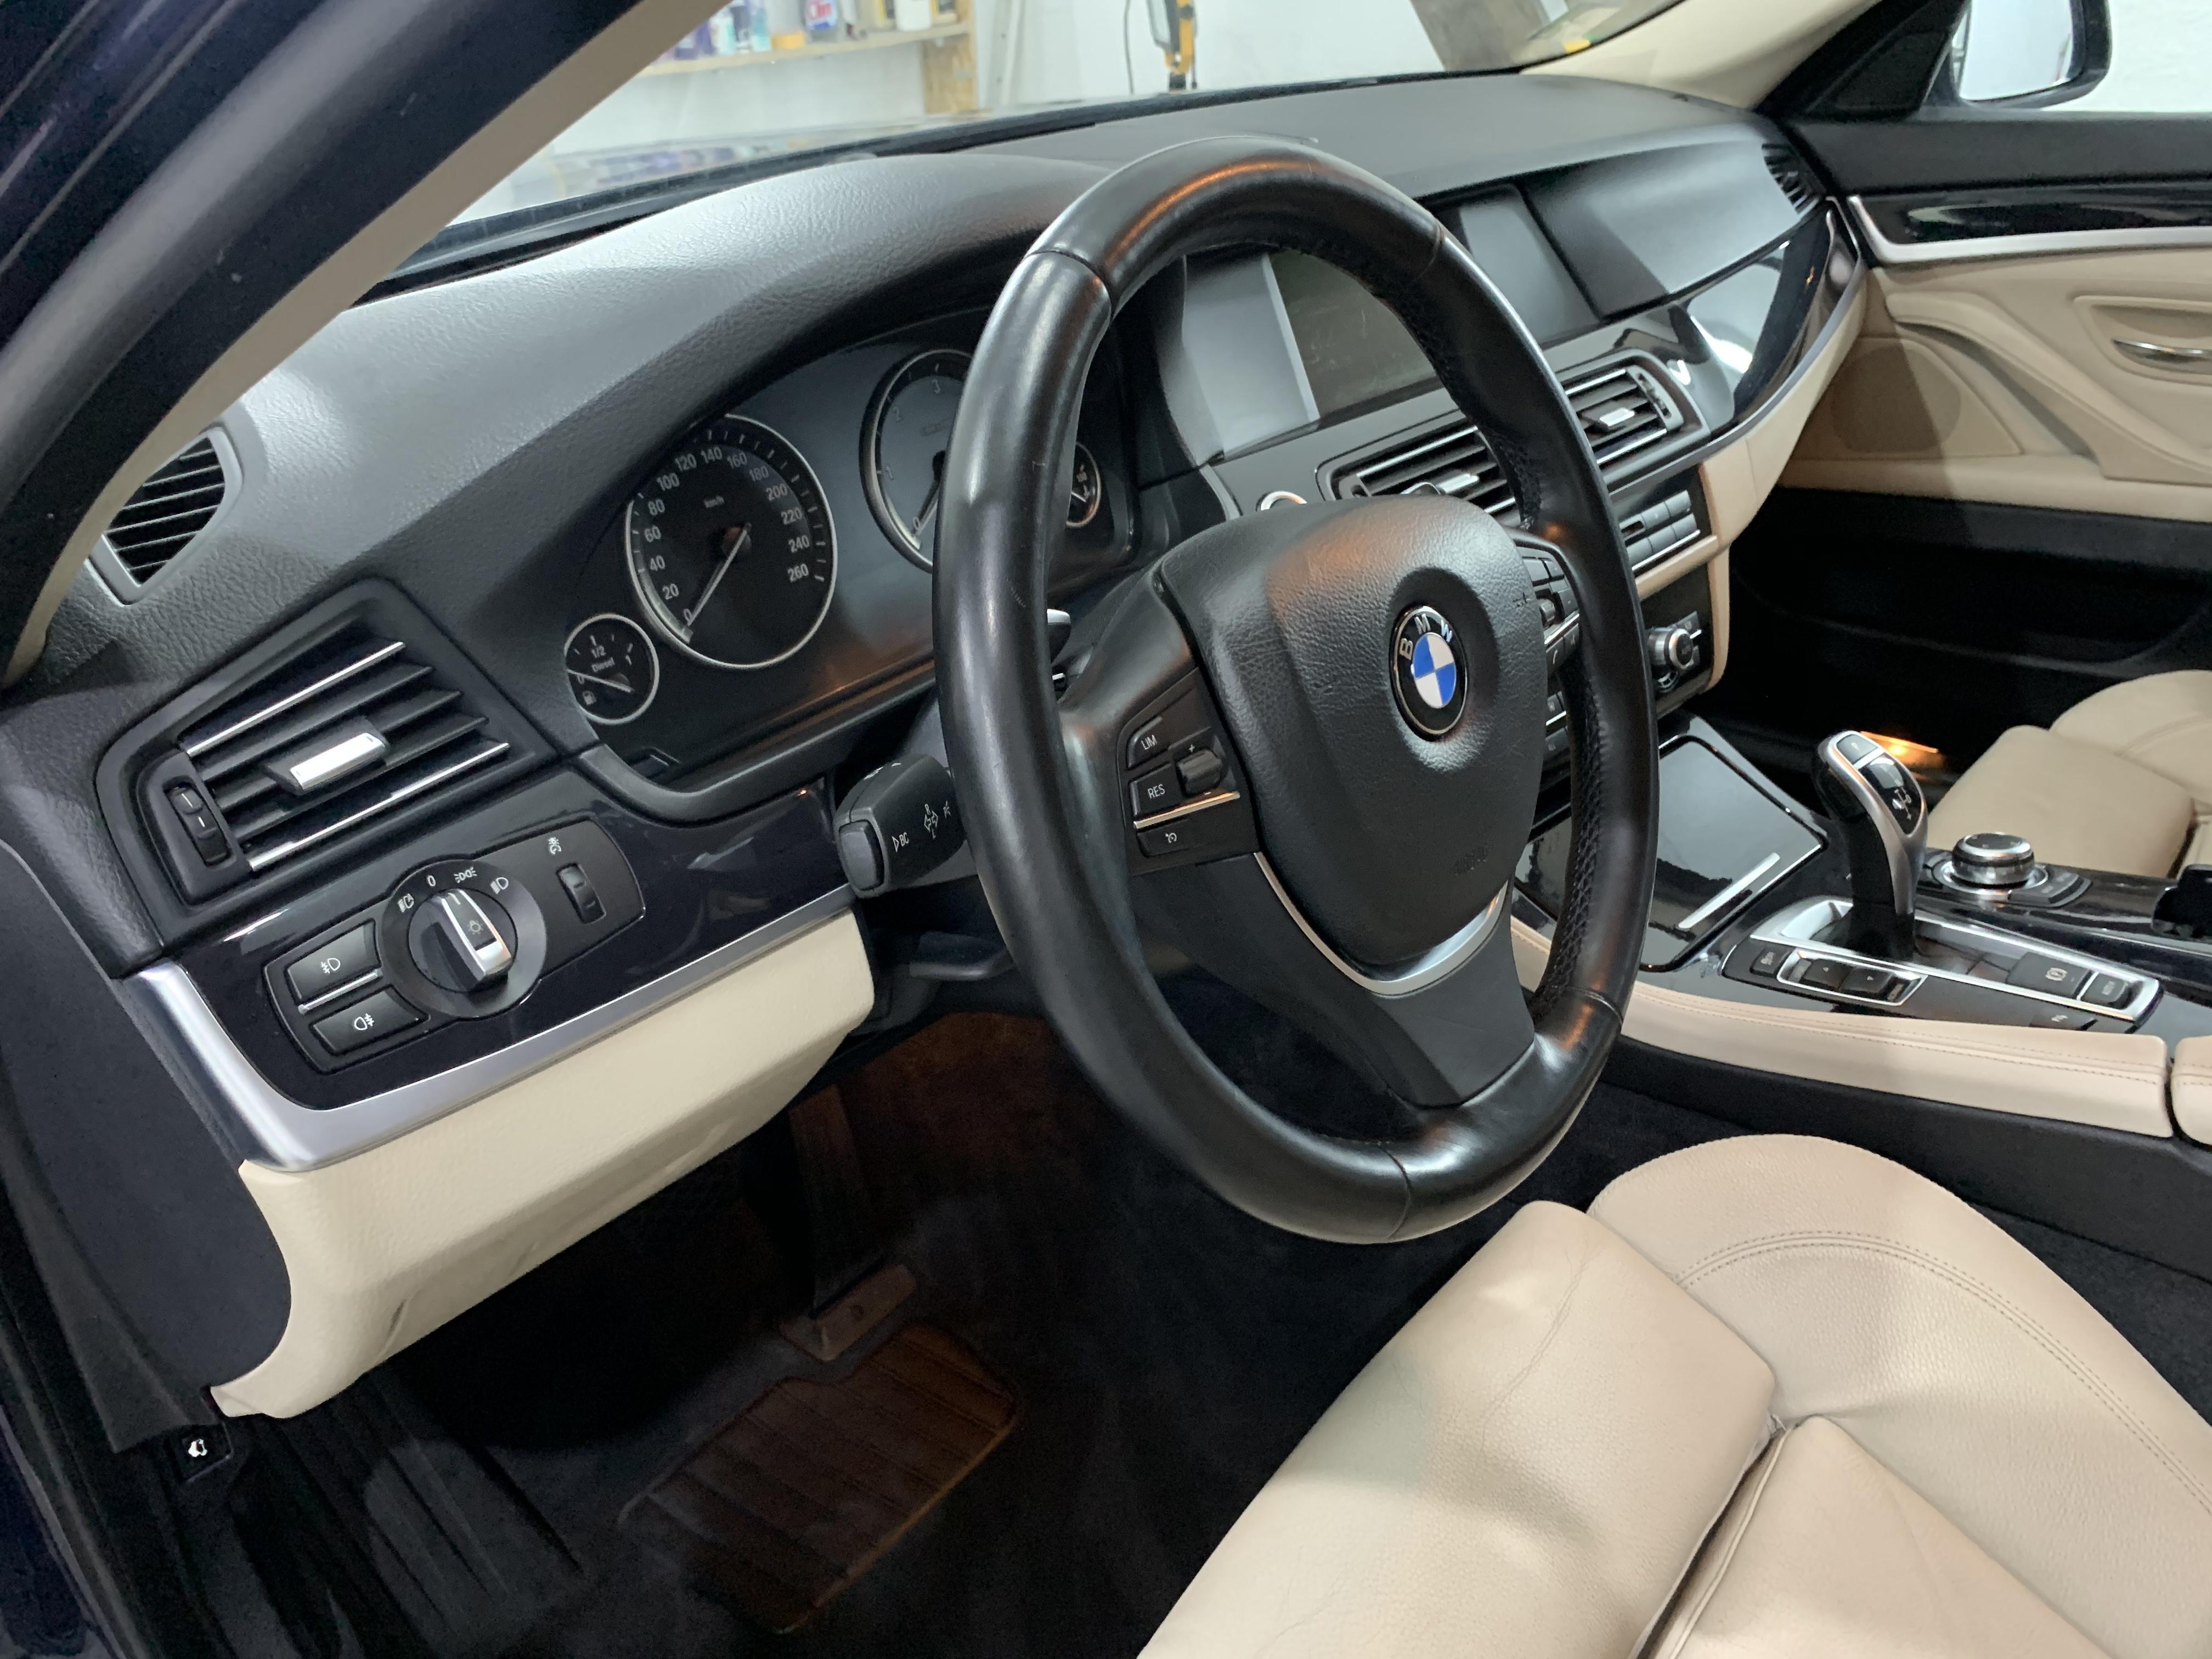 BMW F10 stūre pēc salona ķīmiskās tīrīšanas